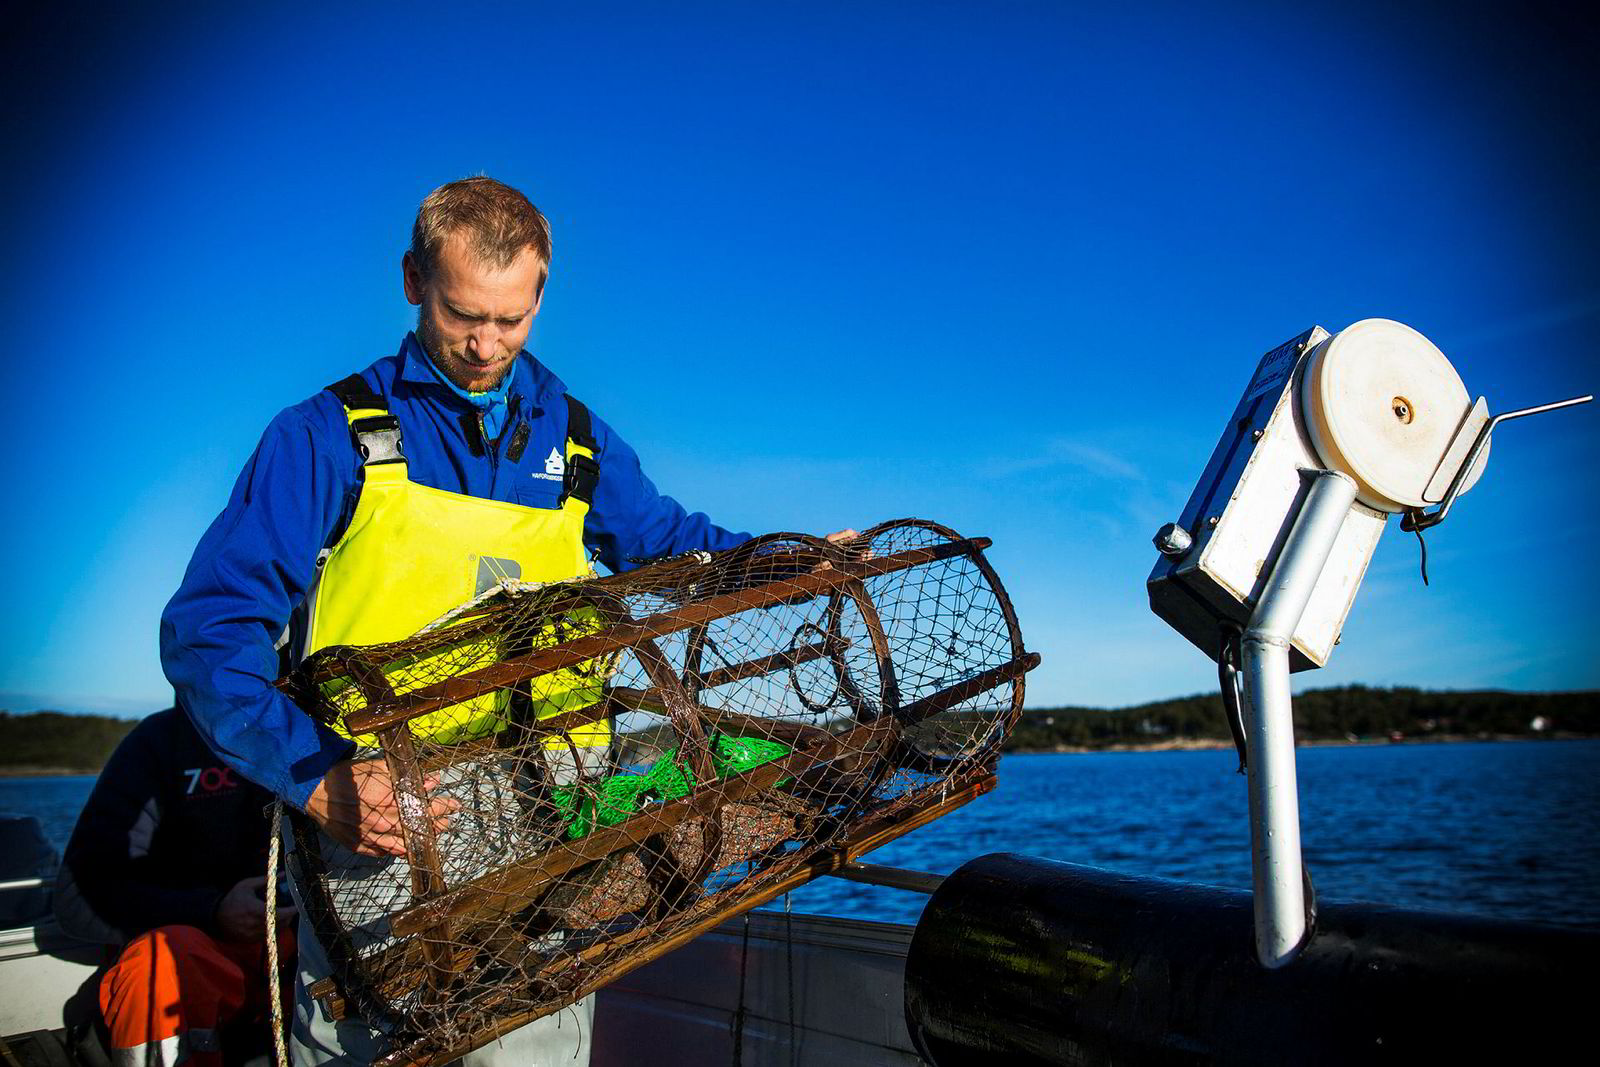 Forsker Alf Ring Kleiven ved Havforskningsinstituttet står bak beregningen som viser at 14.500 hummerteiner går tapt årlig under hummerfisket.